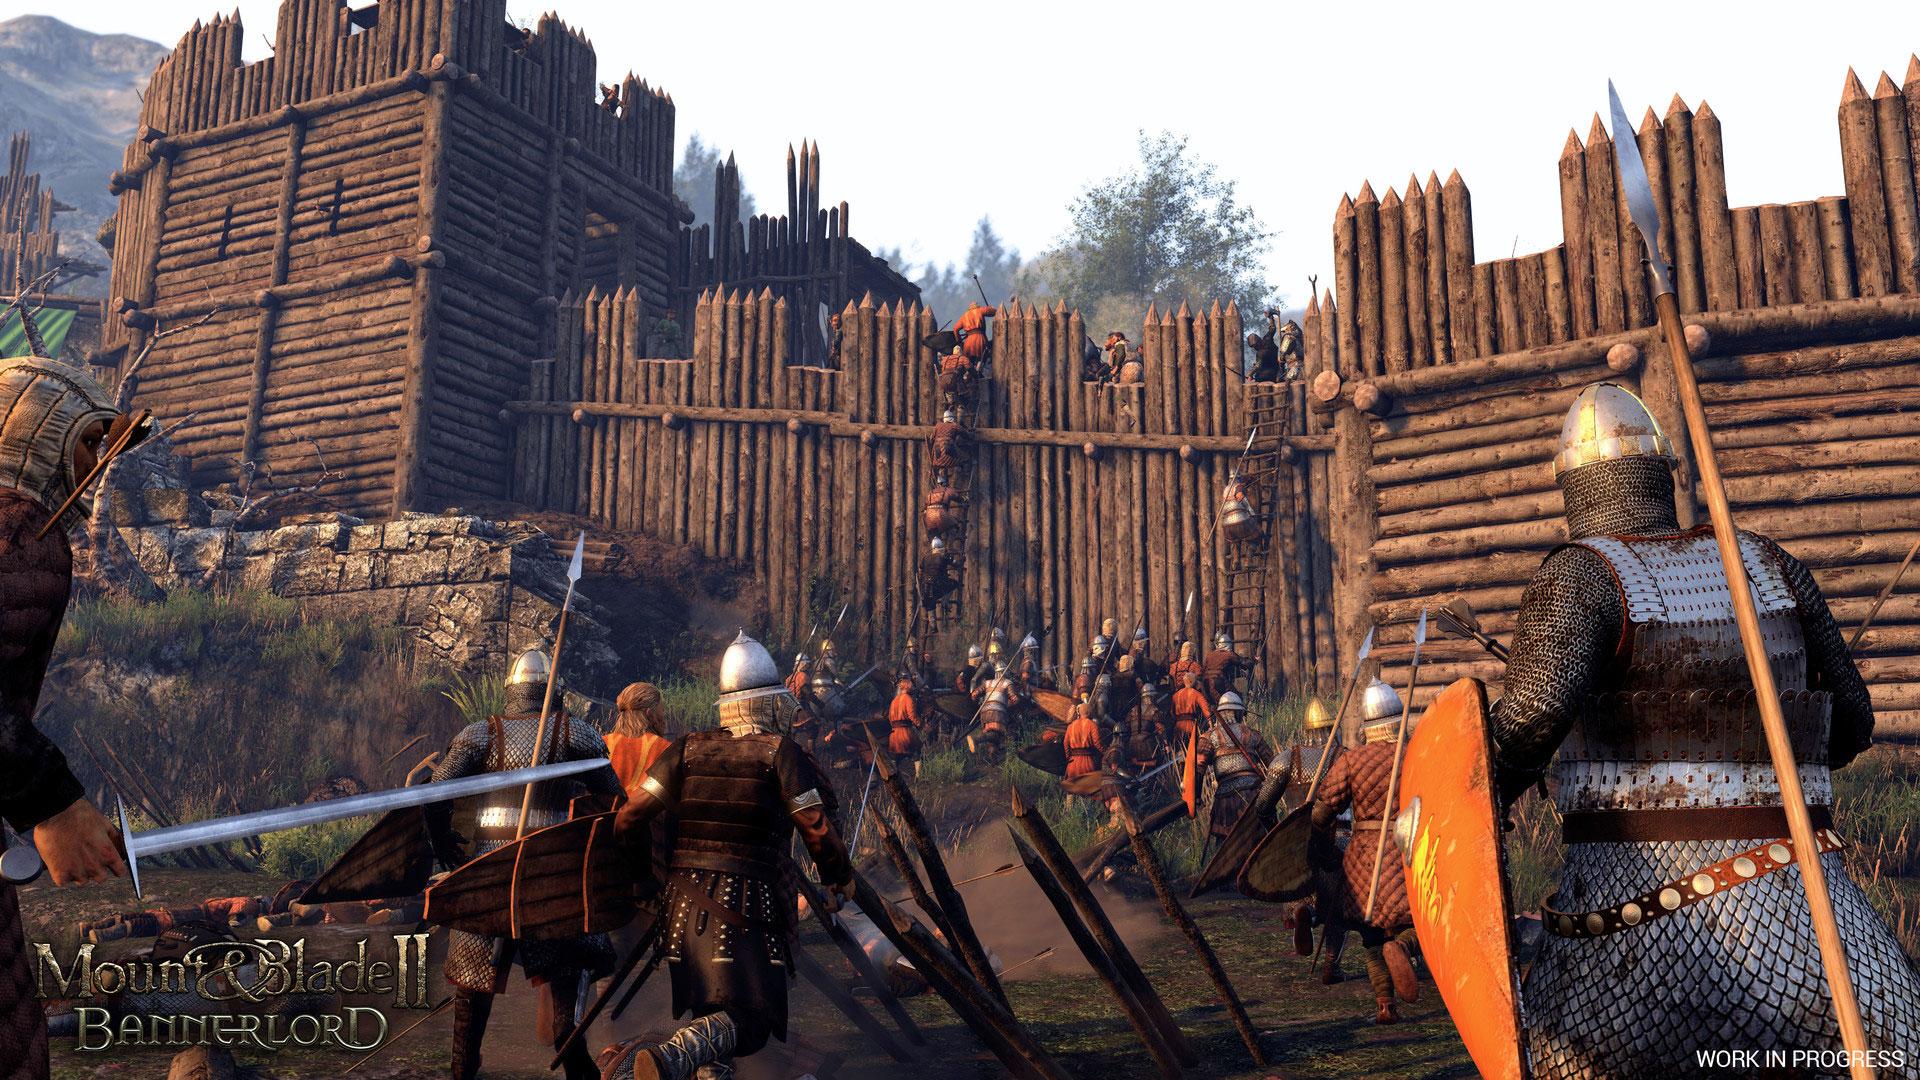 Мод сообщества для Bannerlord позволяет играть в режиме осады и битвы в бета-версии